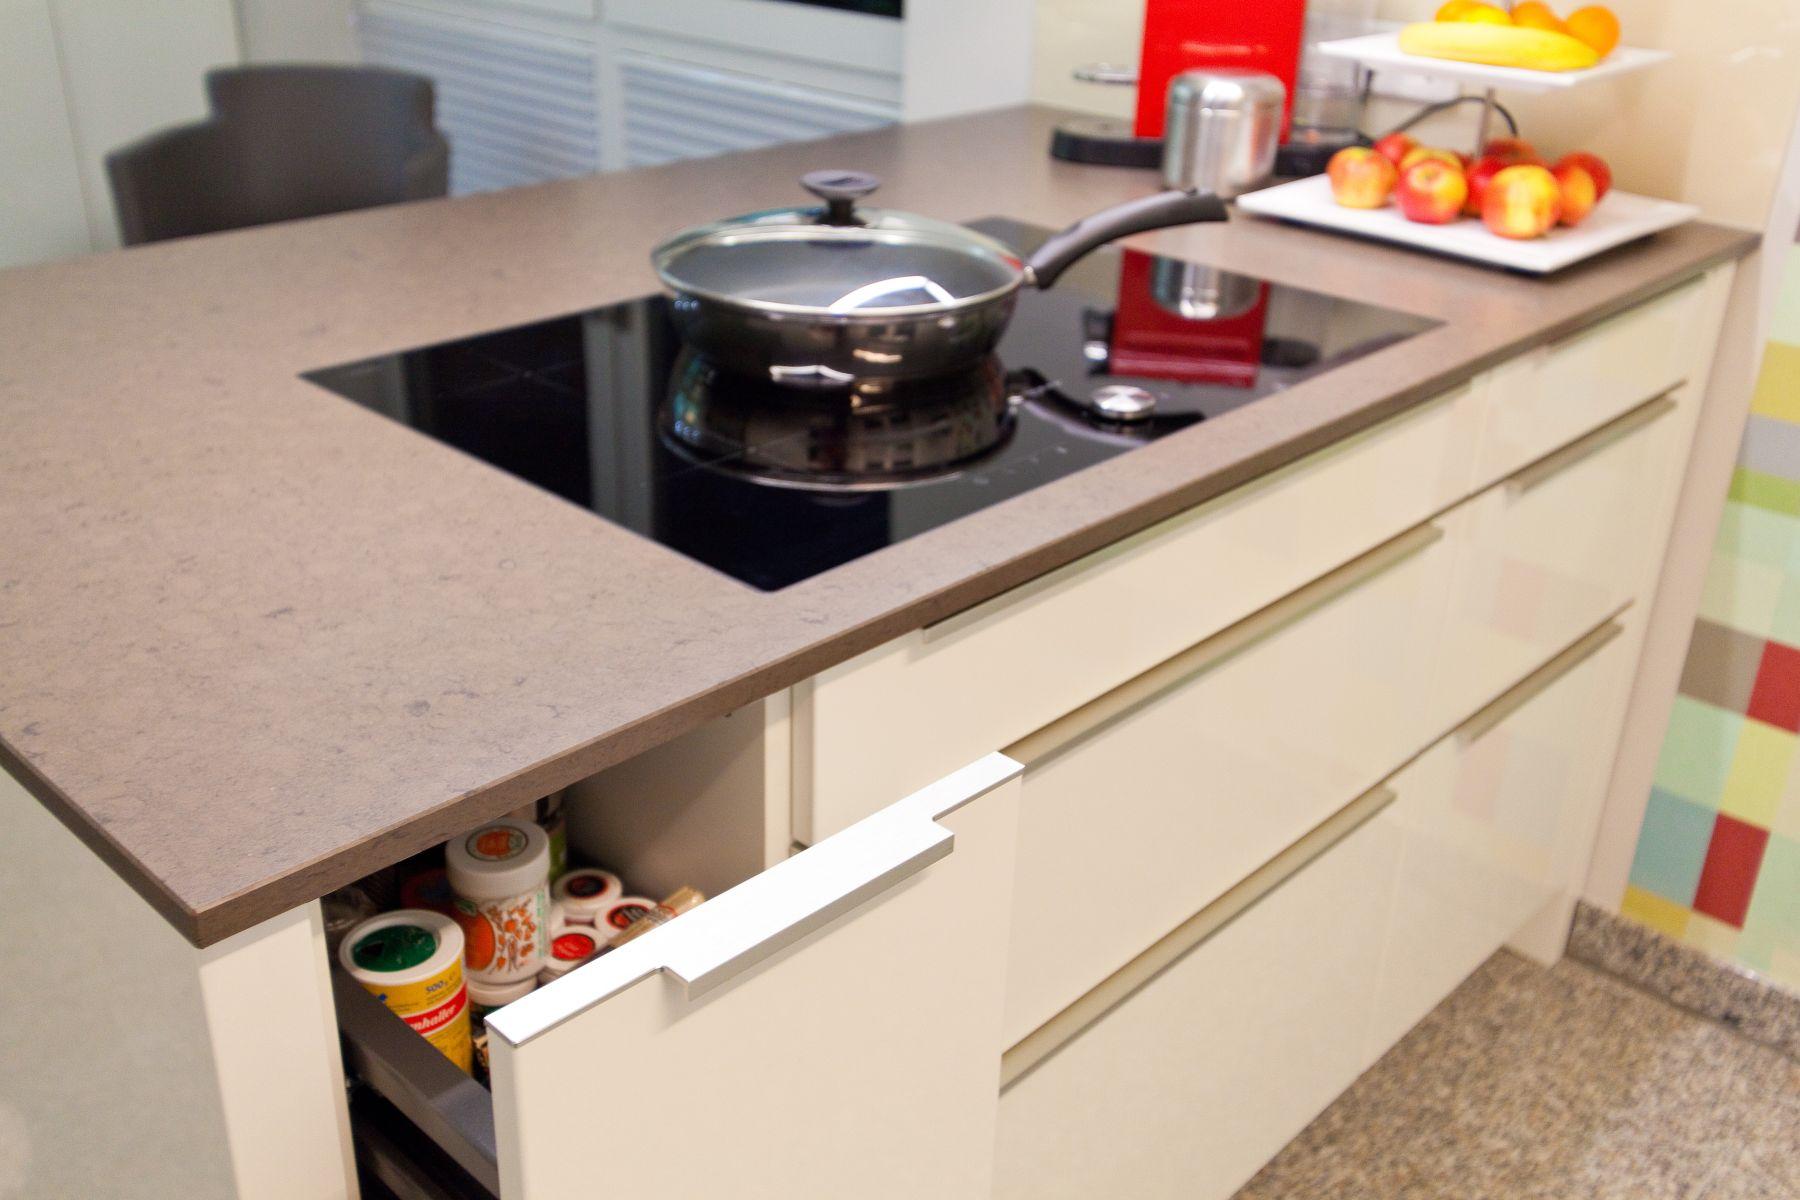 Full Size of Küche Arbeitsplatte Reinigen Küche Arbeitsplatte Keramik Küche Arbeitsplatte Bekleben Weiße Küche Arbeitsplatte Eiche Küche Küche Arbeitsplatte